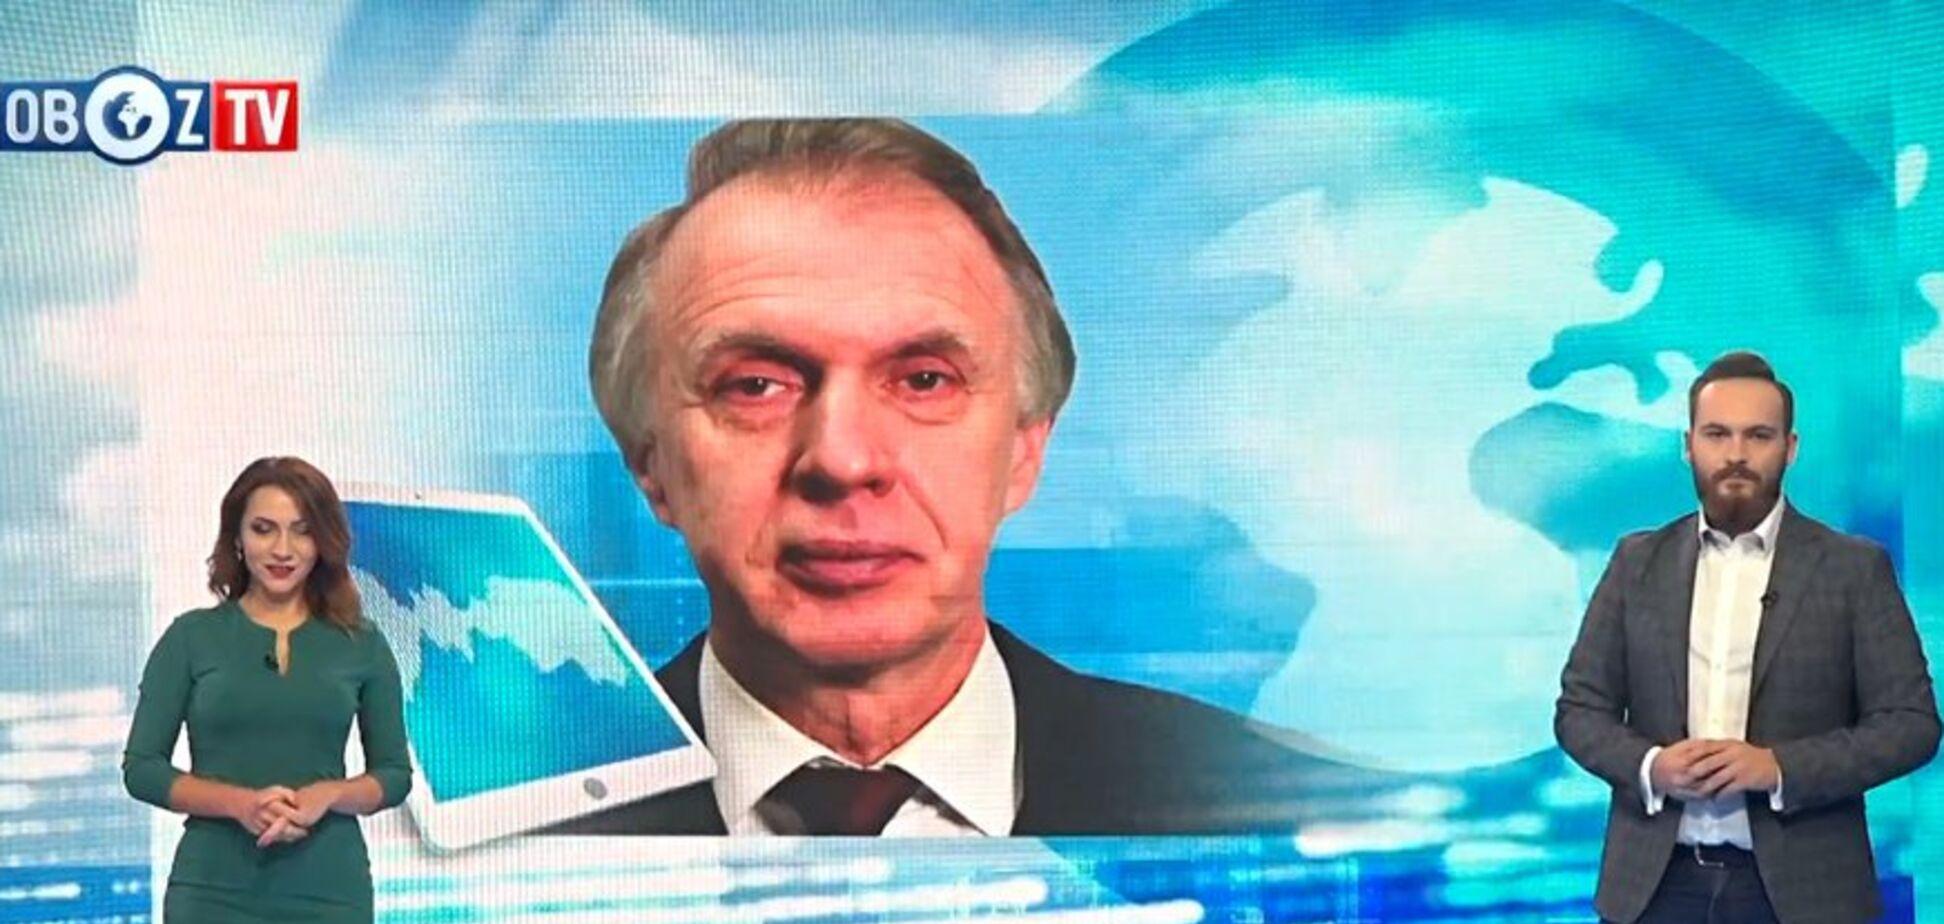 У Росії своє розуміння формули, а у нас – своє: екс-голова МЗС України